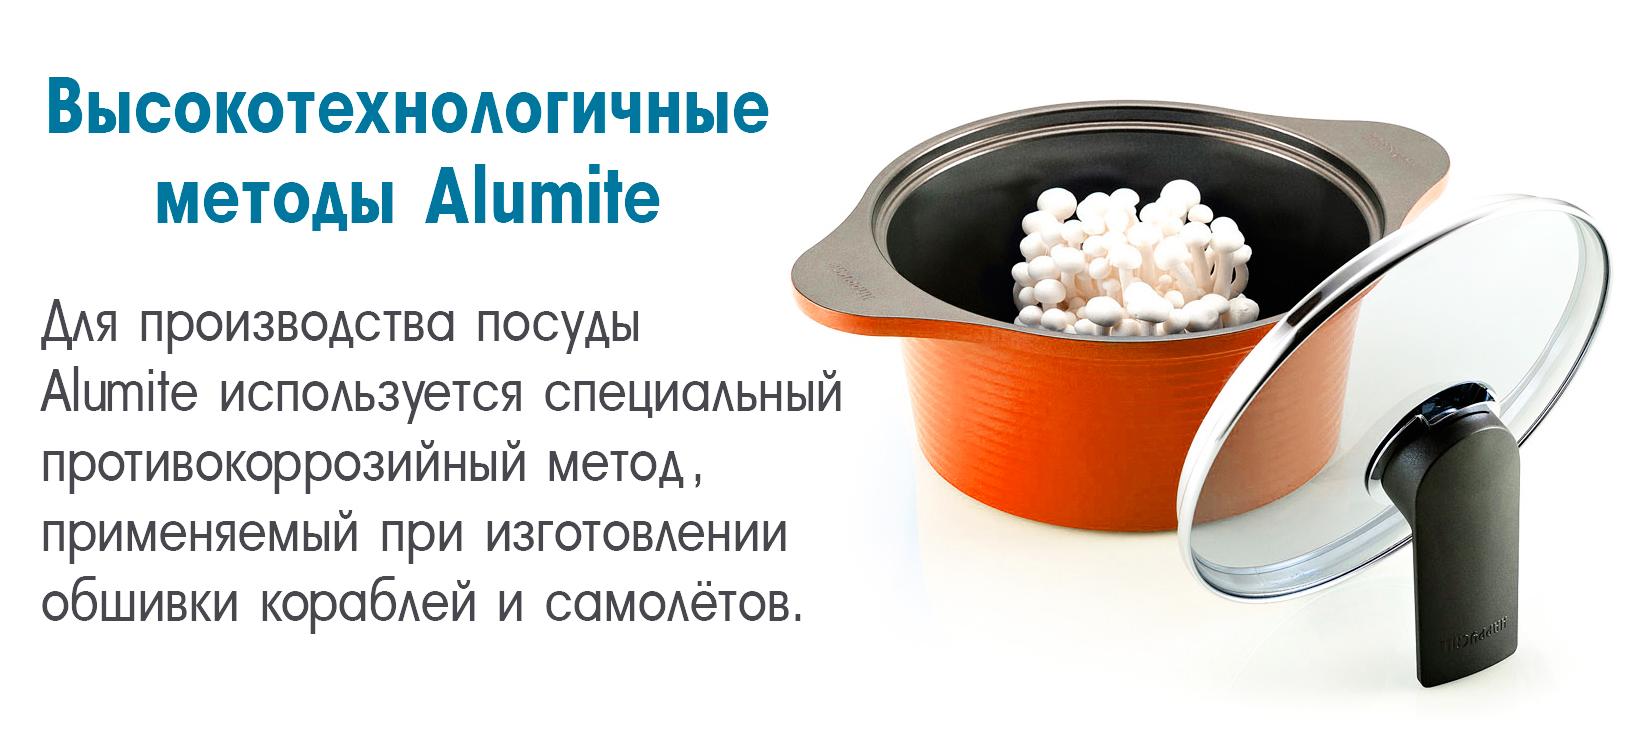 Высокотехнологичные методы производства кастрюль Alumite.